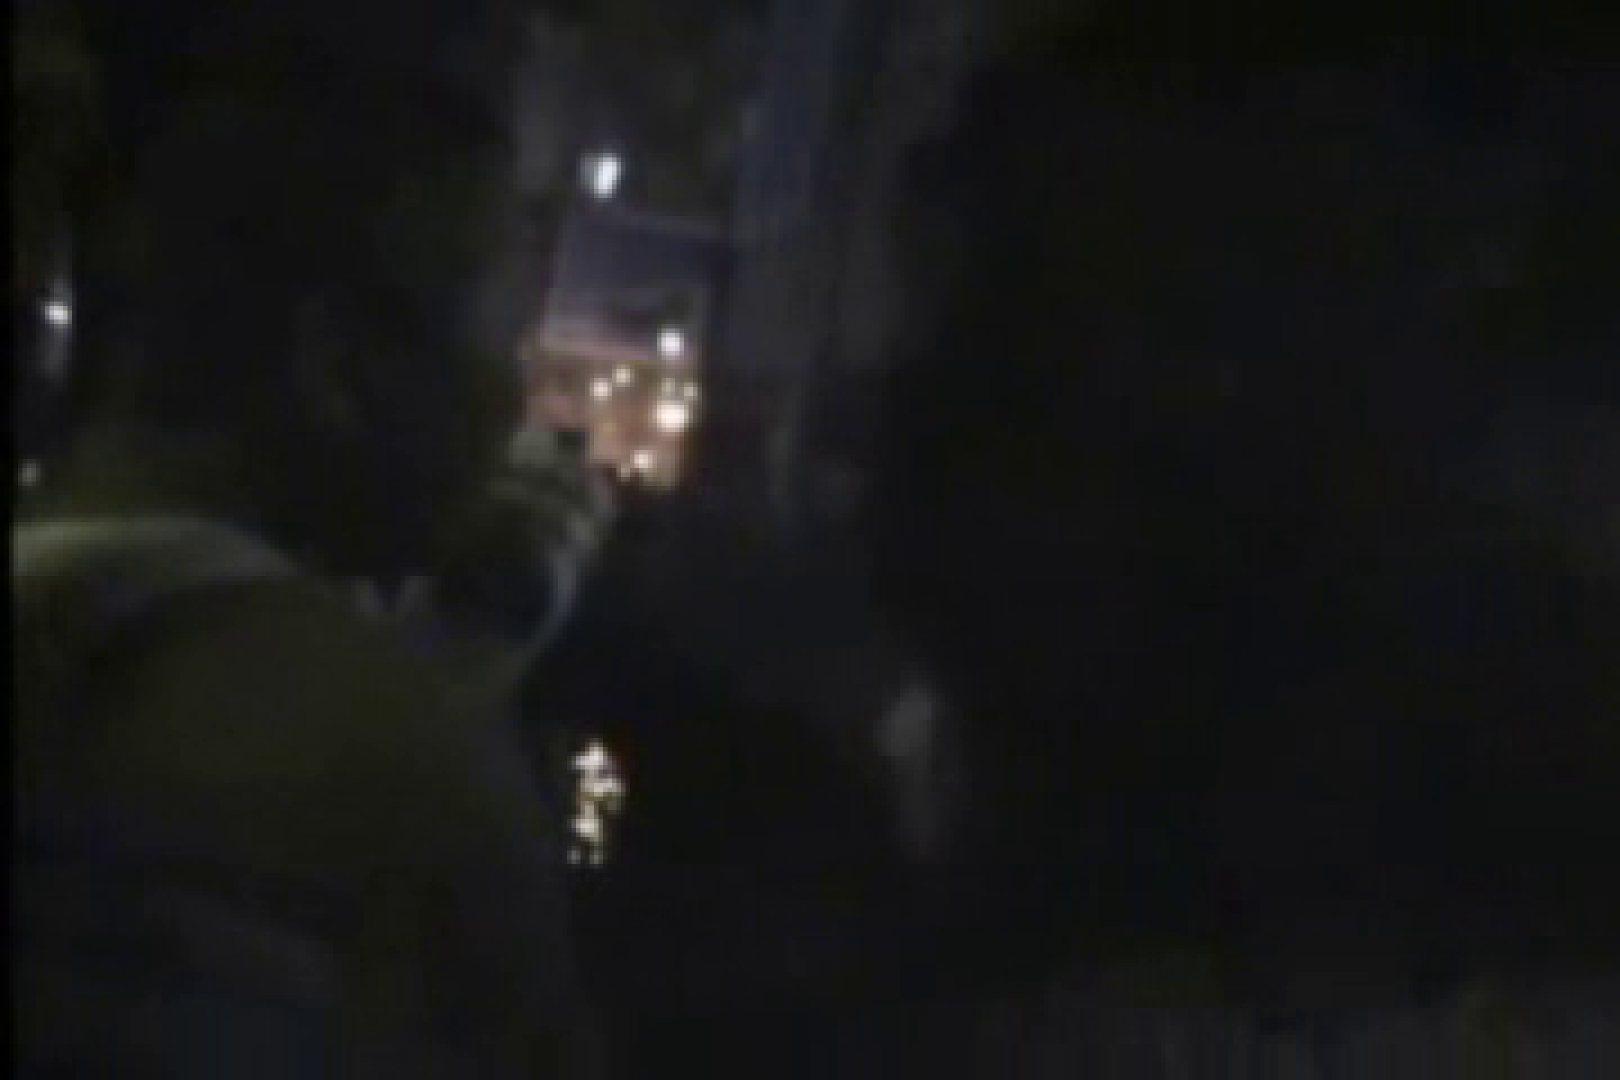 ファイル流出! ! 道頓堀 包茎男のチンコまる魅せダイブ 野外露出セックス ゲイエロ動画 101枚 34